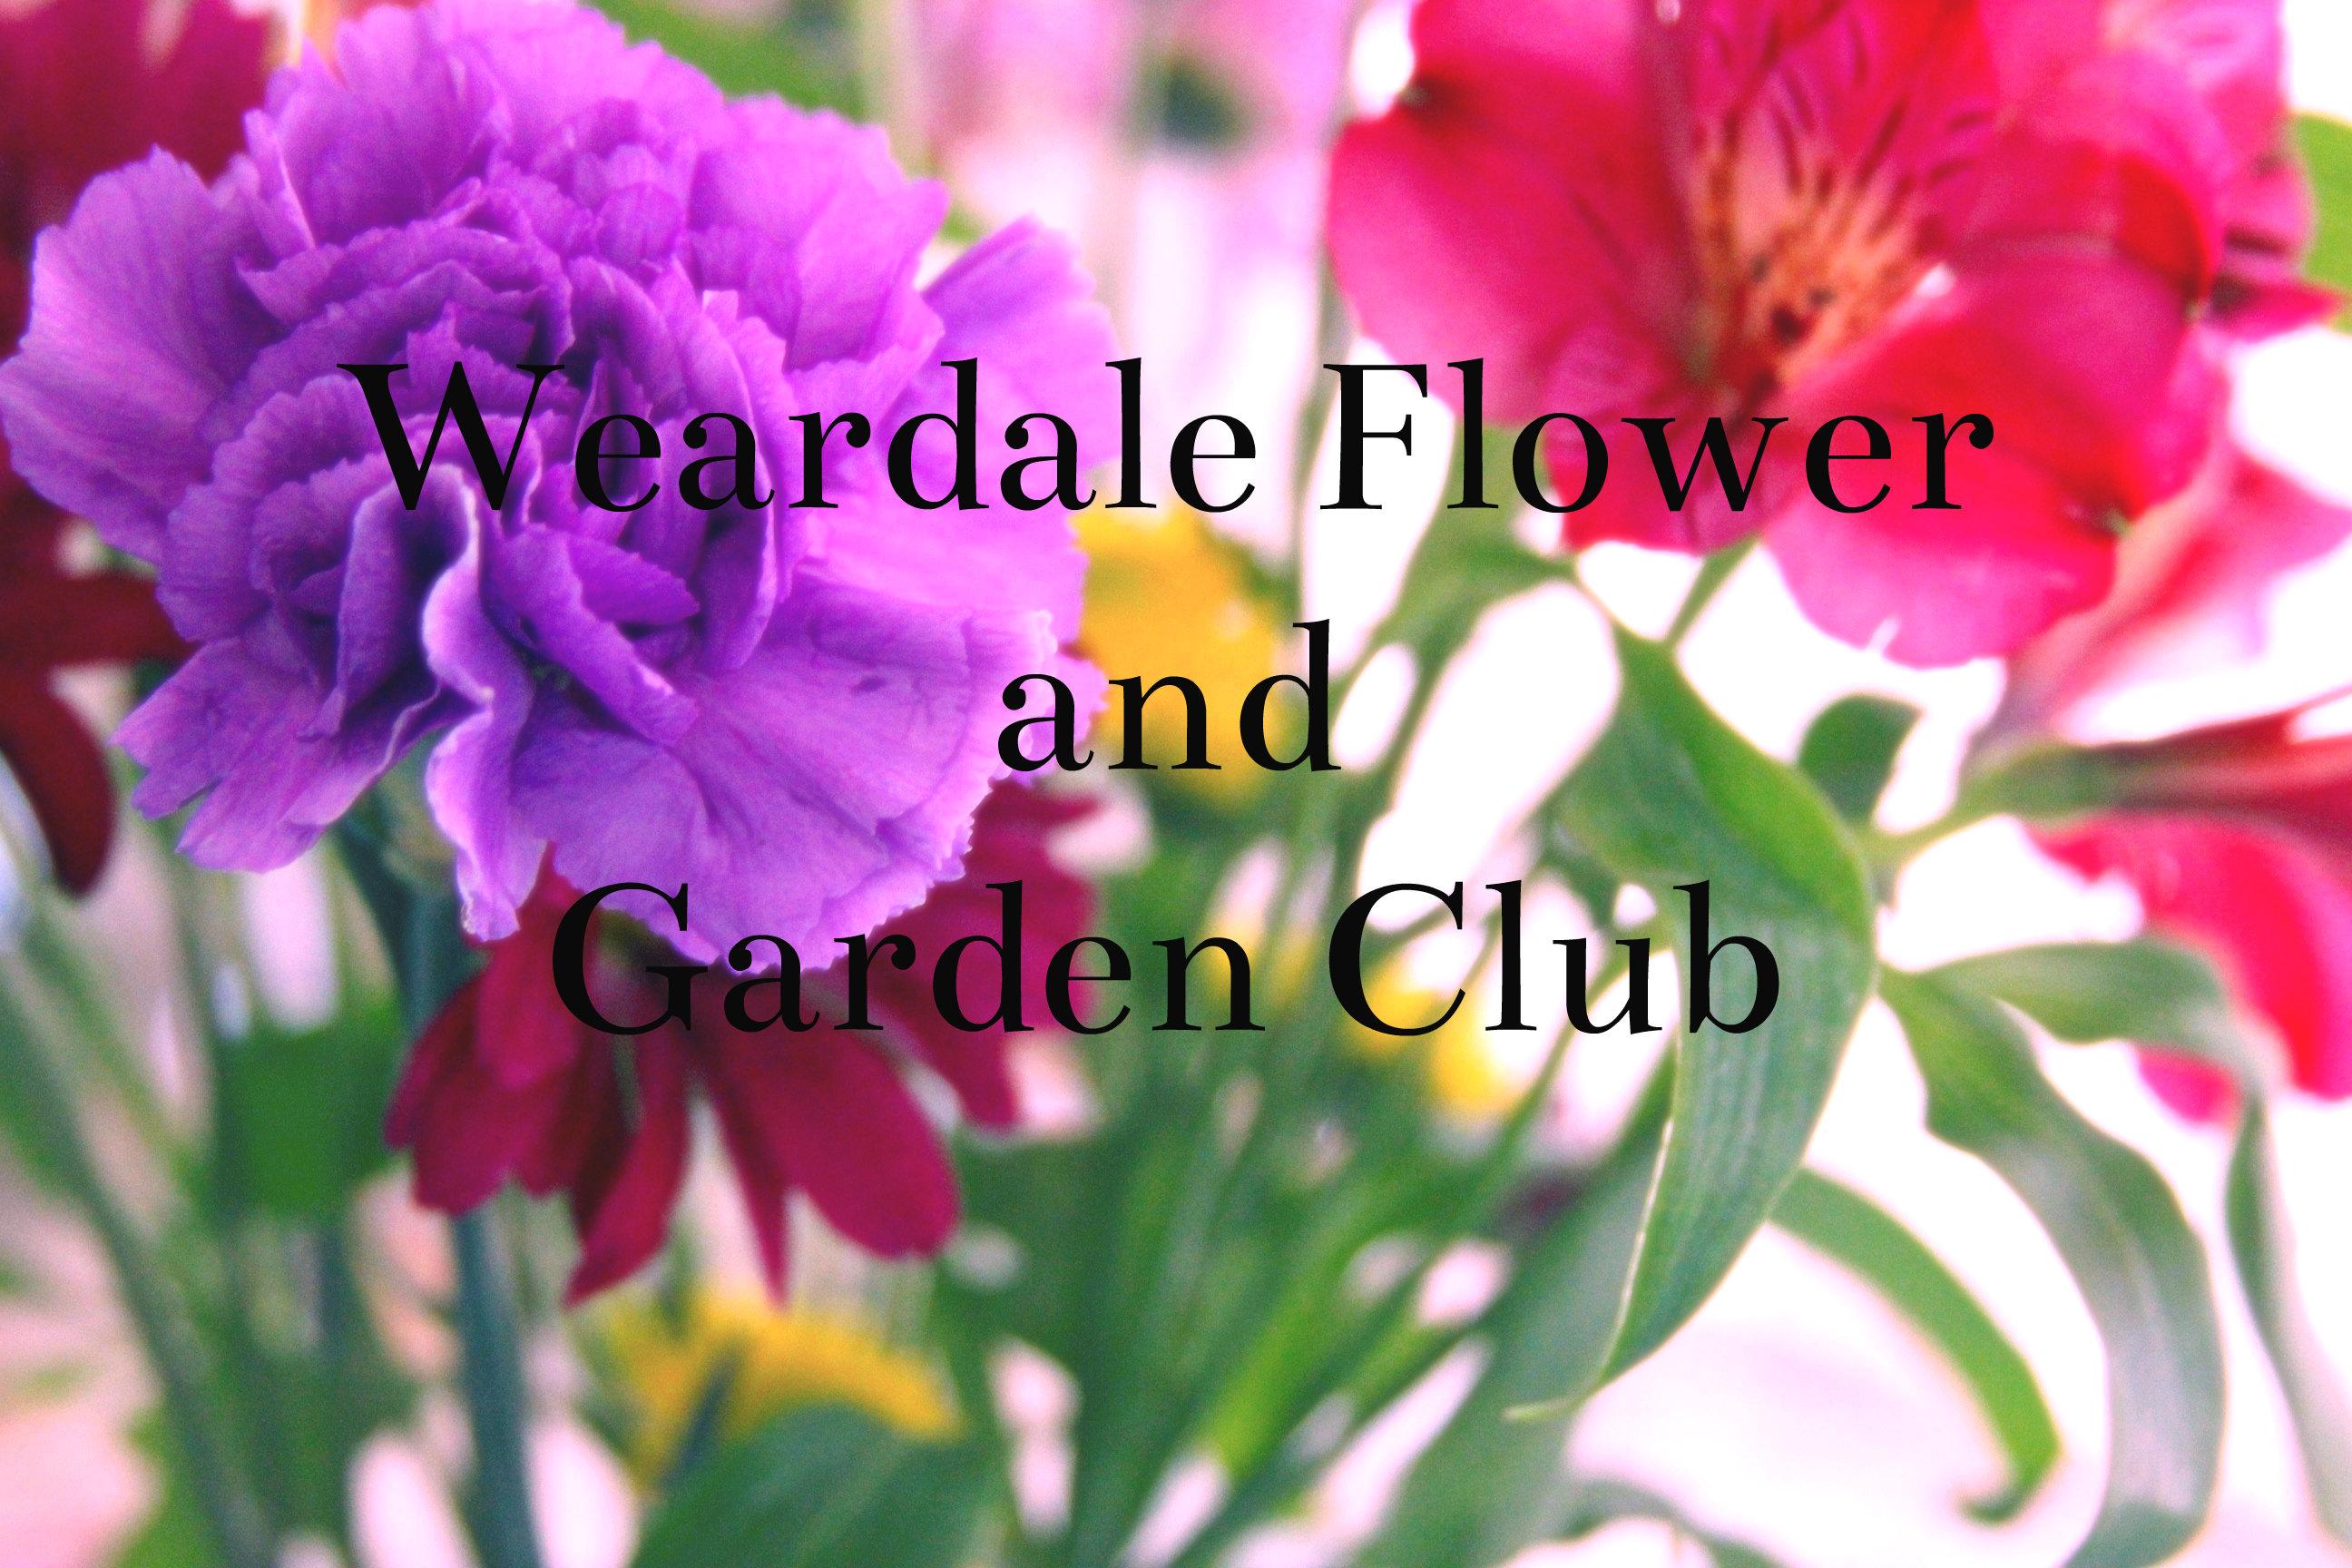 Weardale Flower and Garden Club